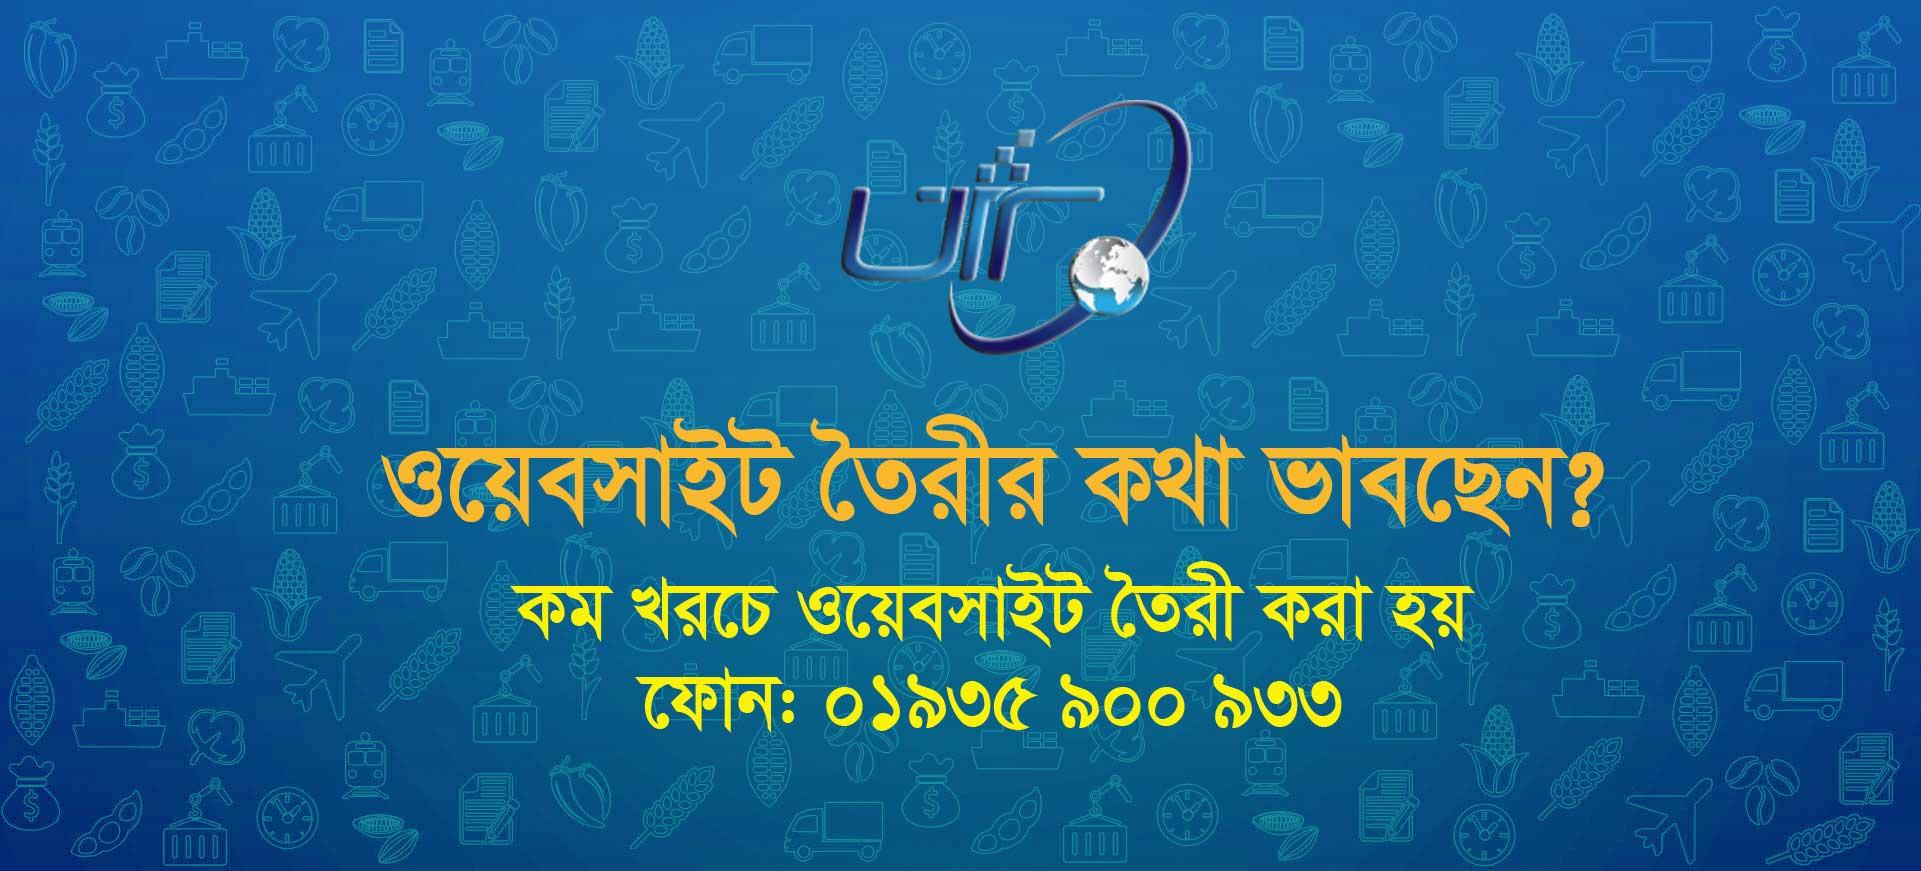 Uttara-Info-tech-web-BAnner